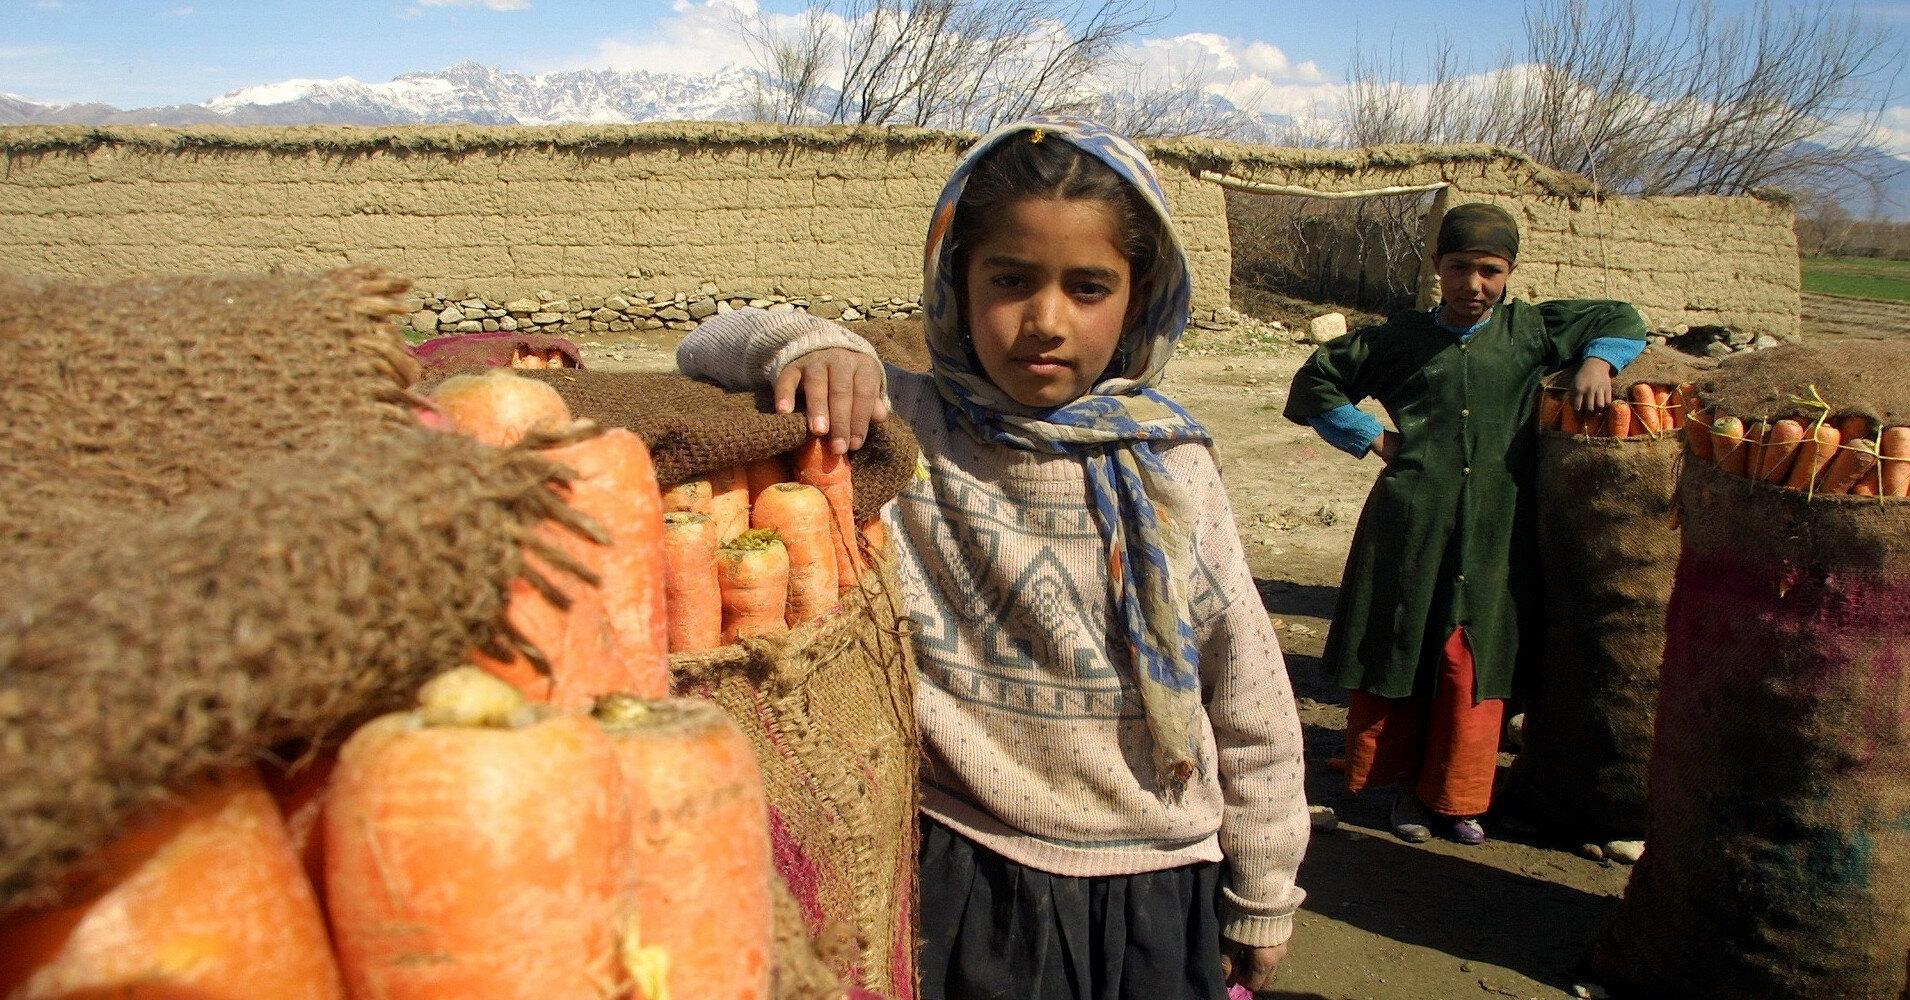 Десятки детей эвакуировали из Афганистана без родителей